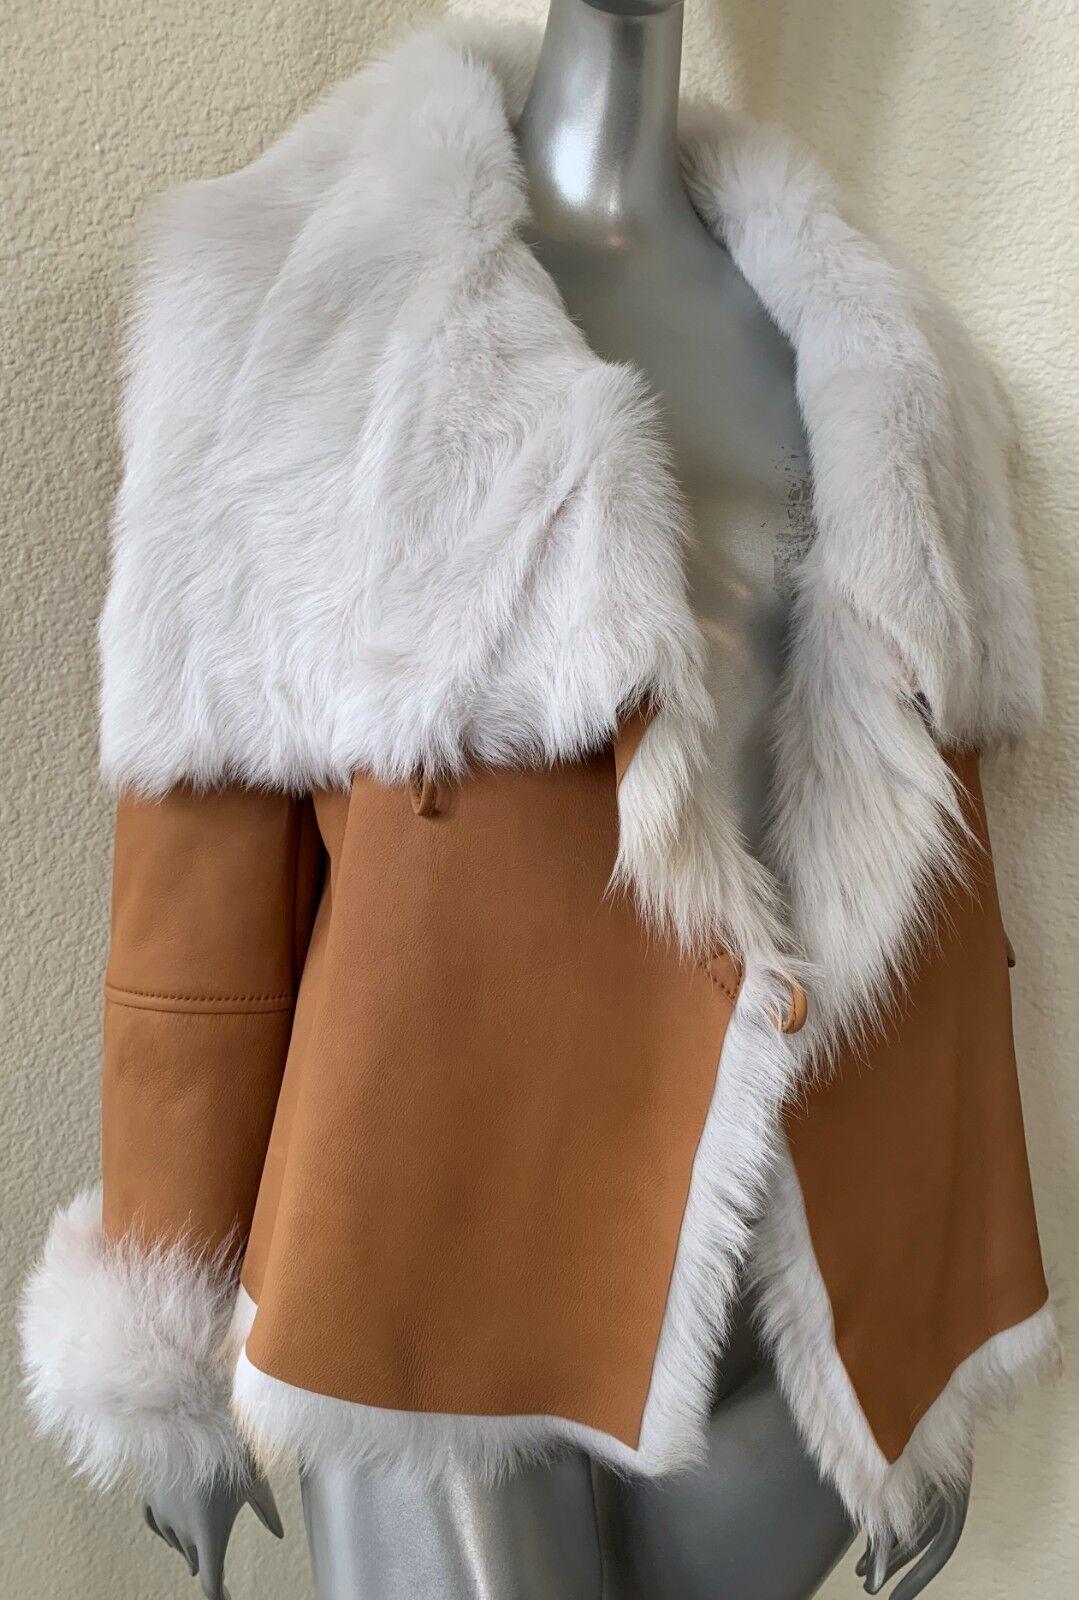 NWT  1.5K  Toscana Lamb Sheepskin Lambskin Shearling Mouton Fur Car Coat XS